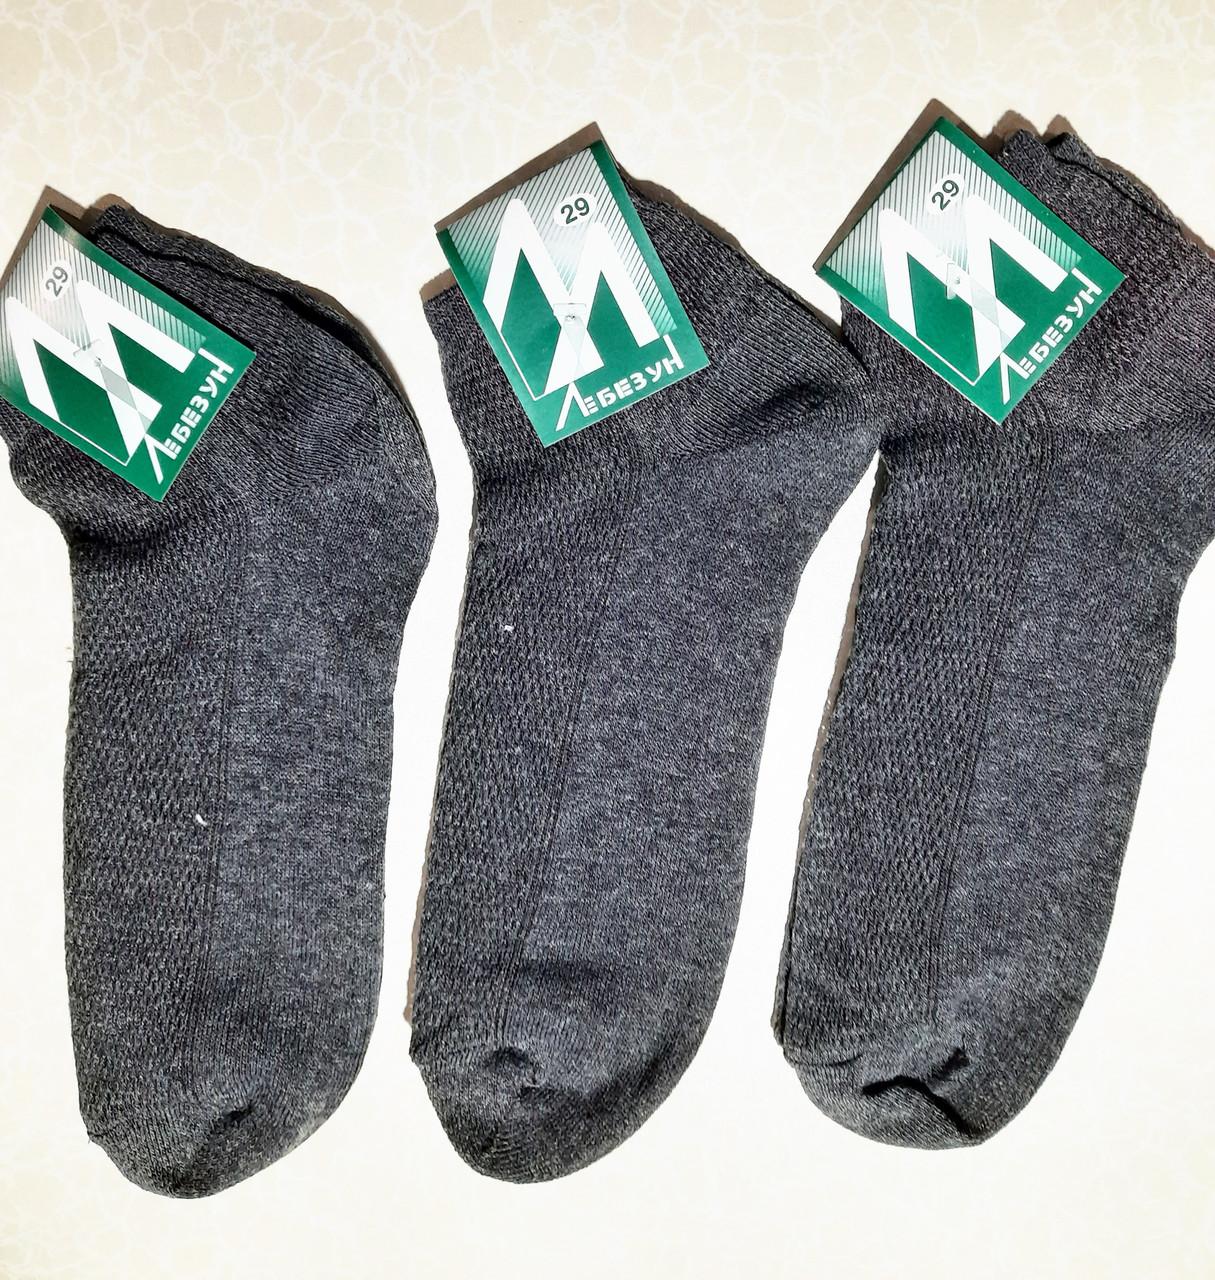 Носки мужские укороченные вставка сеточка хлопок р.29 цвет серый.